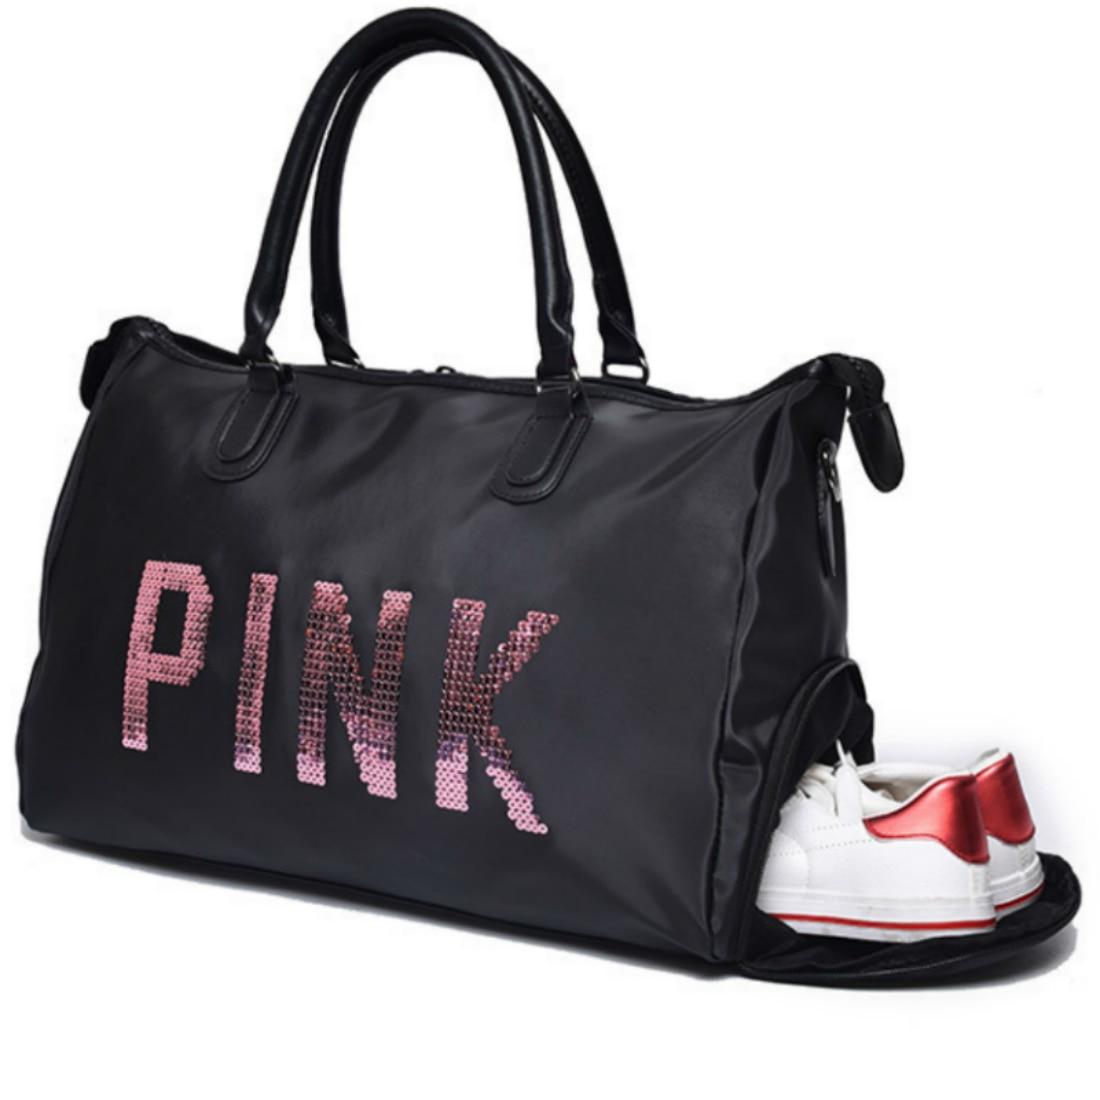 Bags Tote-Handbag Sports-Bag Women Duffel Shoulder-Crossbody-Shoes Sequins Travel Fitness